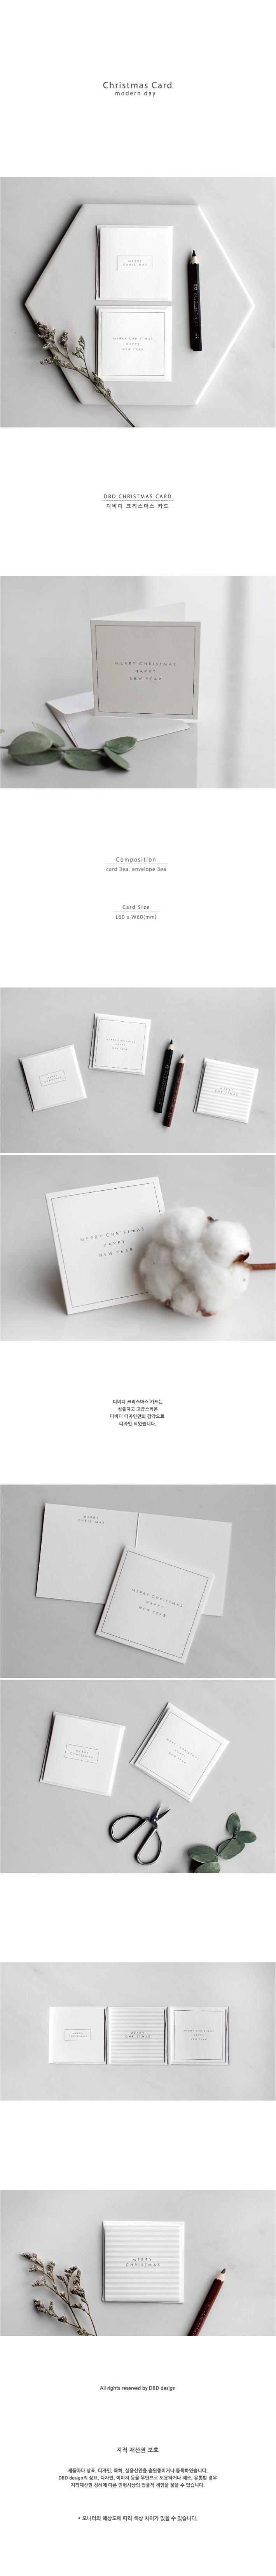 디비디 크리스마스 카드세트 - Modern Day - 디비디, 2,000원, 카드, 크리스마스 카드